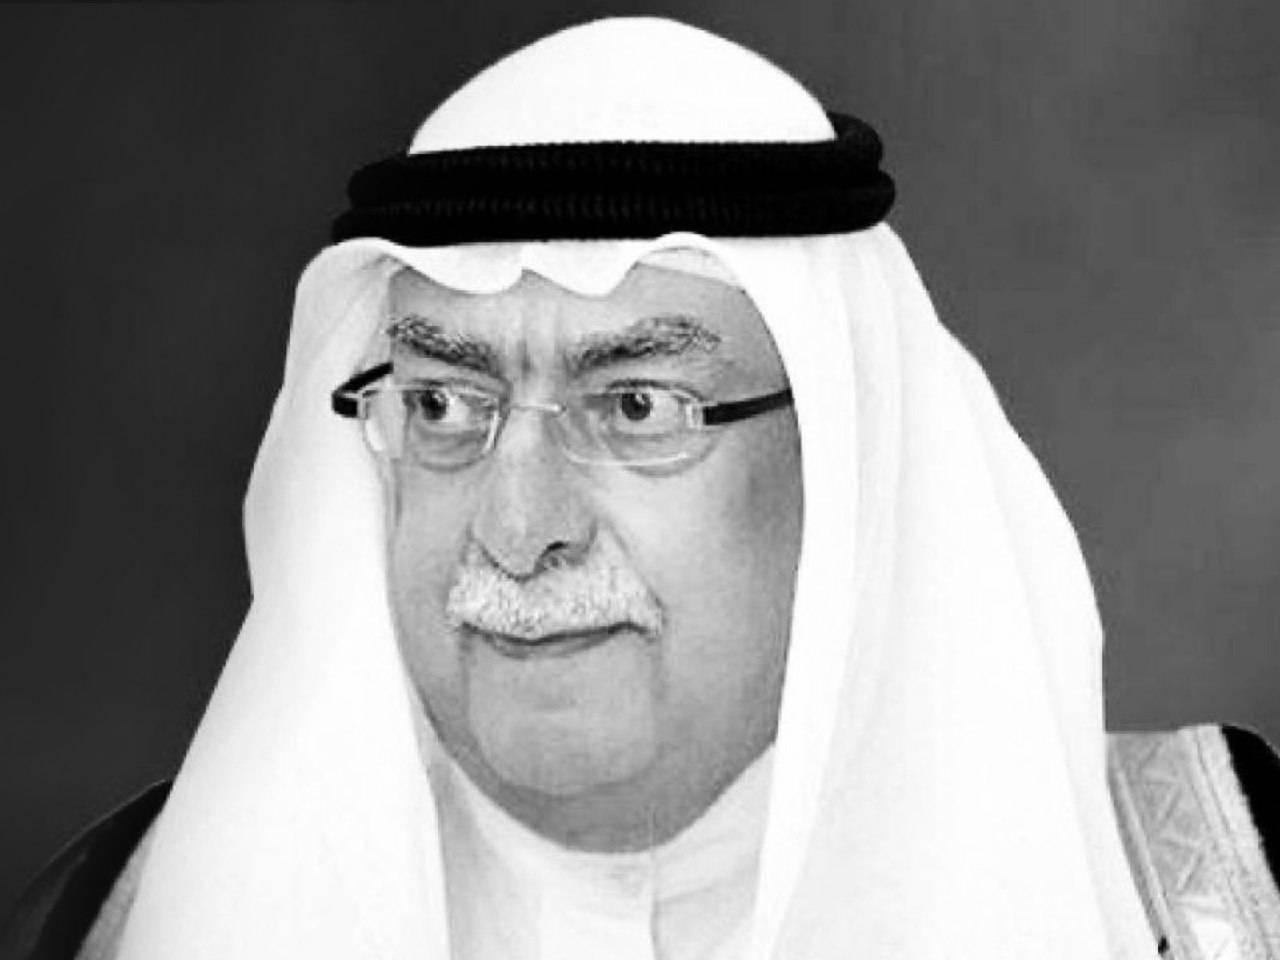 Sheikh Ahmed Bin Sultan Al Qasimi, deputy ruler of Sharjah